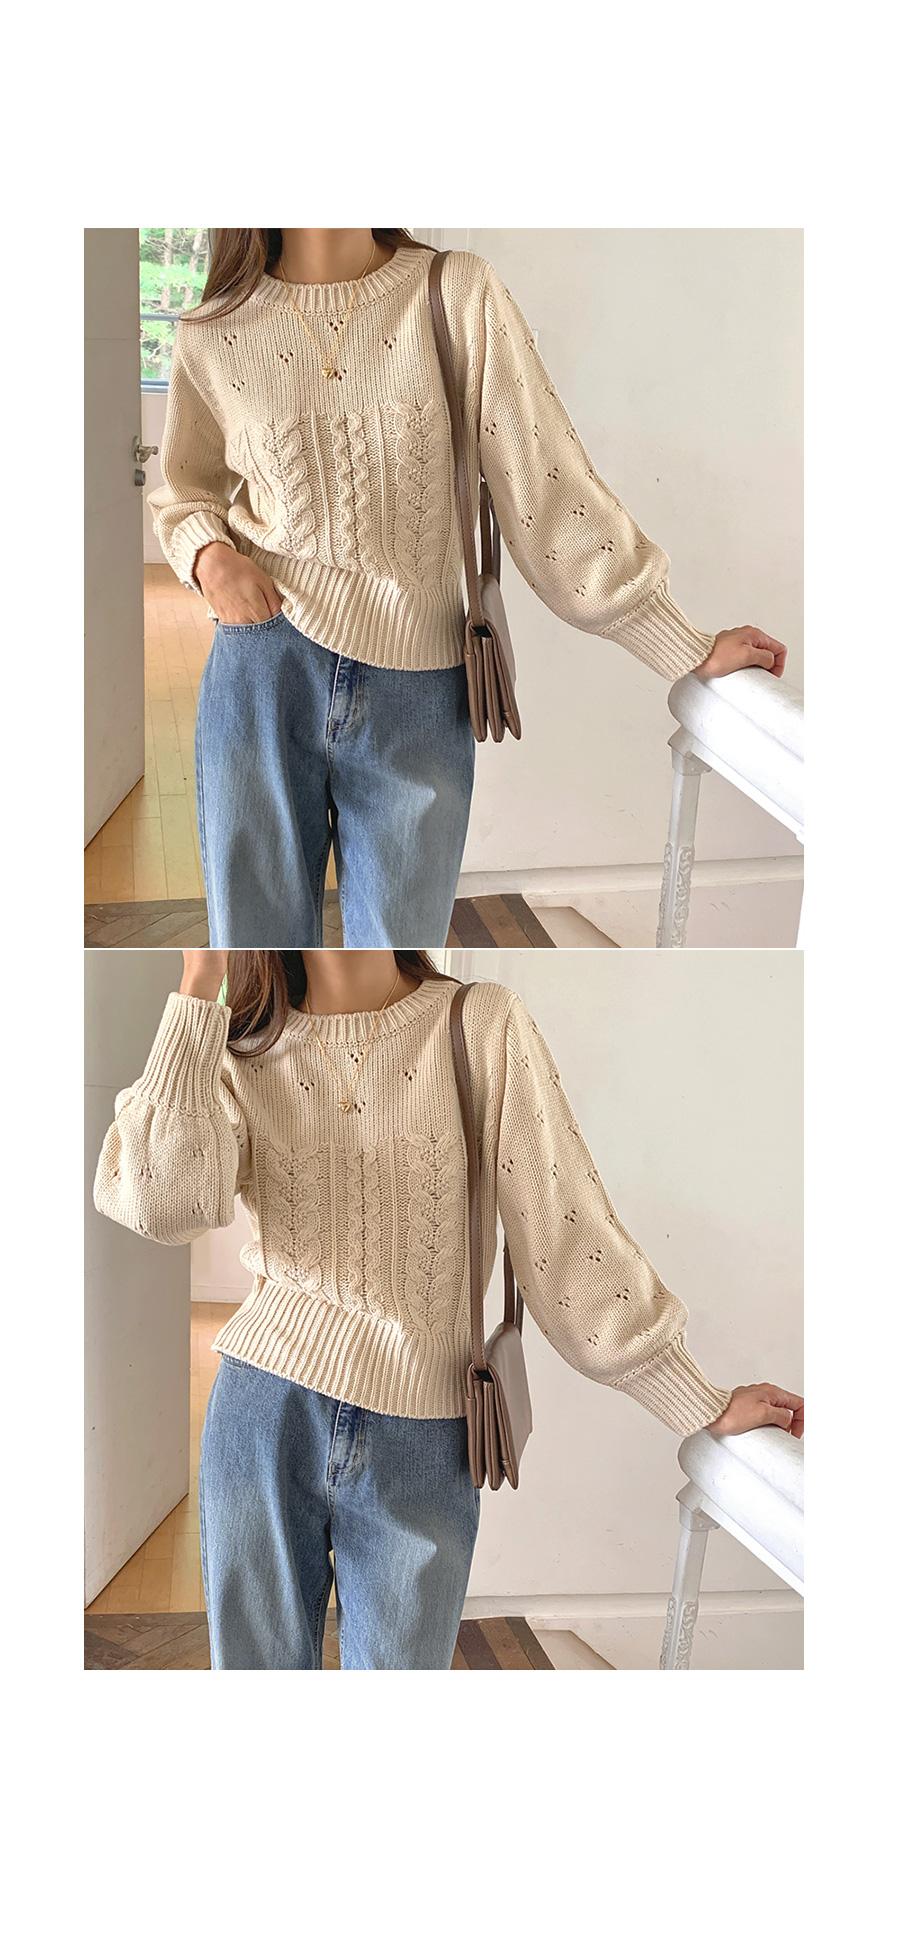 麻花打洞設計針織上衣